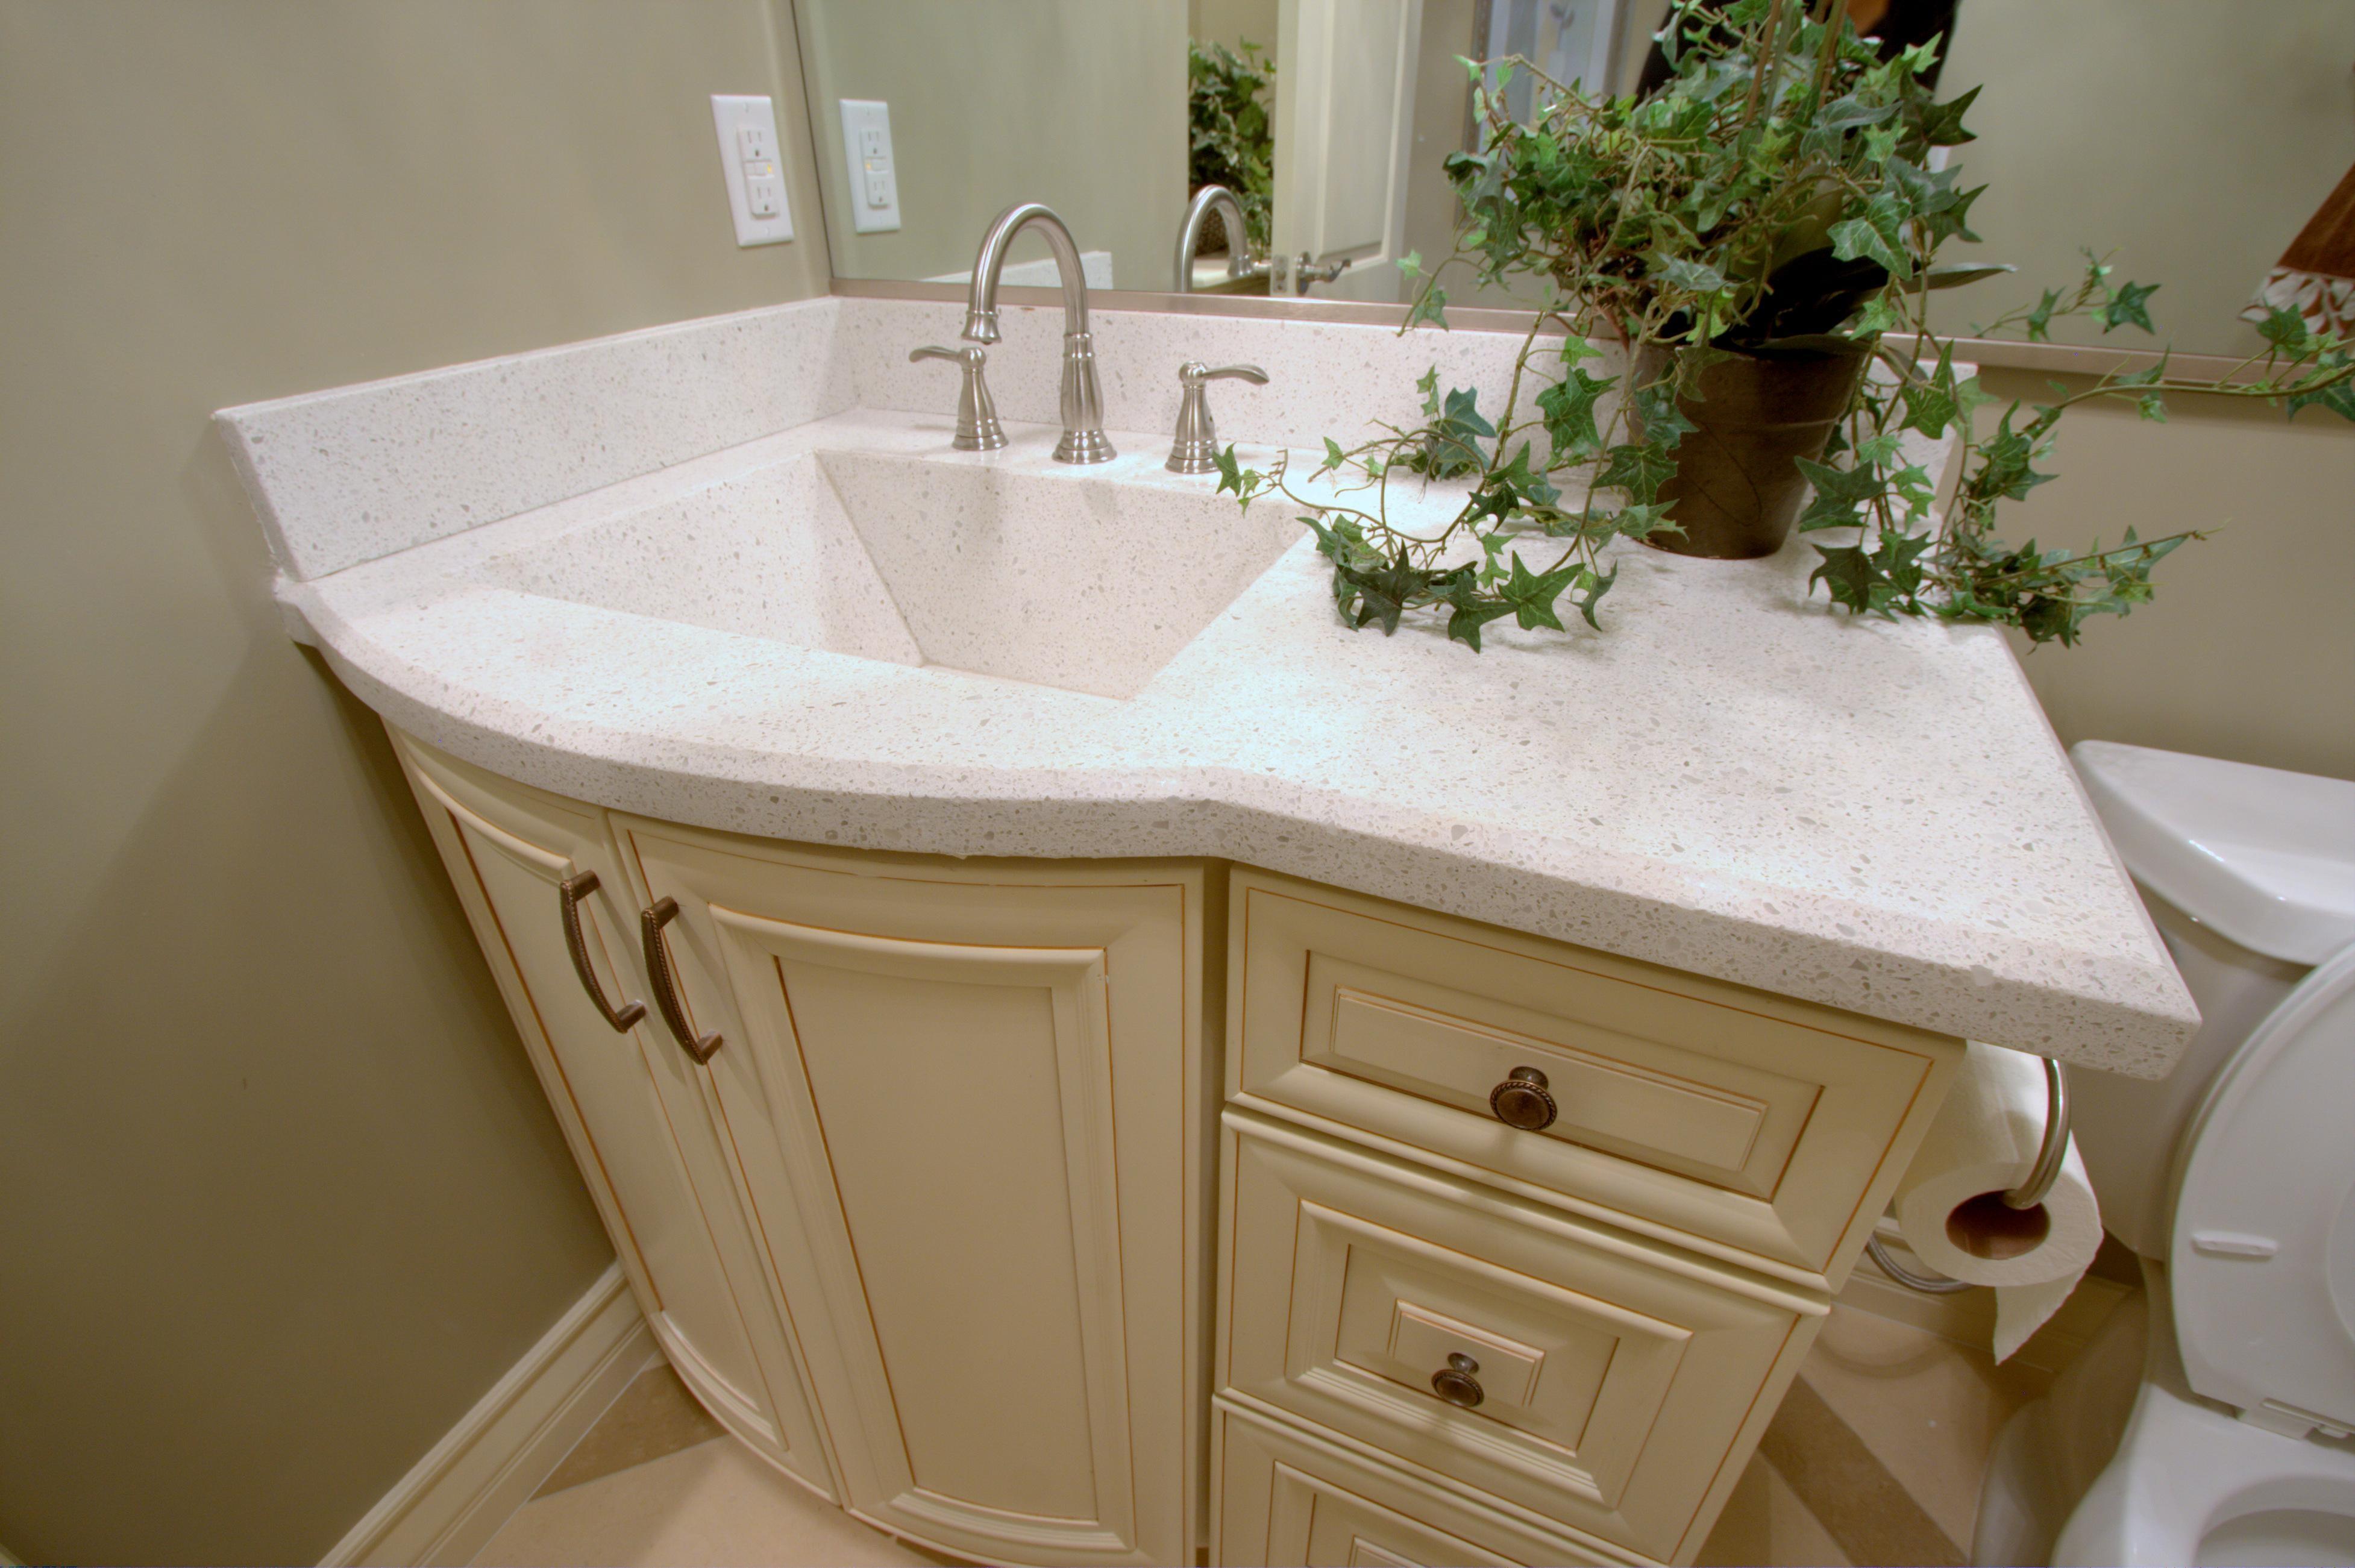 Mega Granite And Marble Inc. image 17